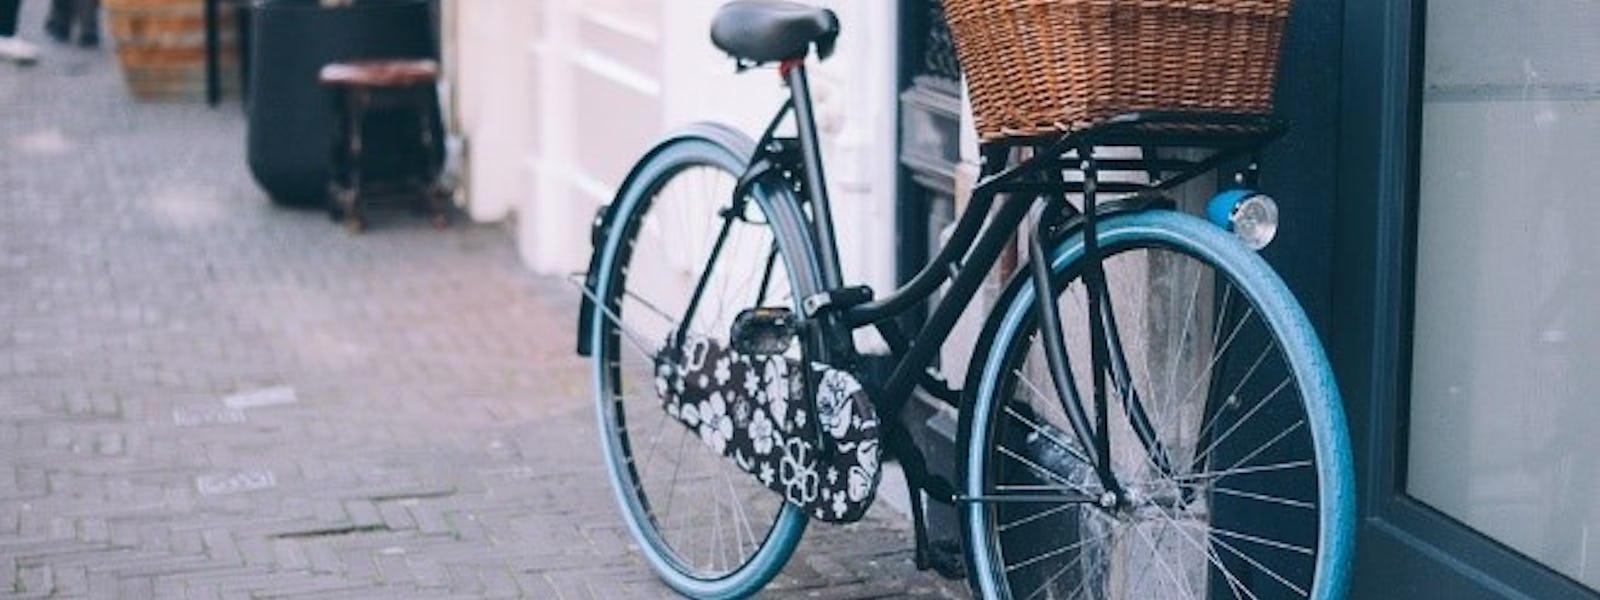 Bild - Cykeldag i norra delen av Sölvesborgs kommun